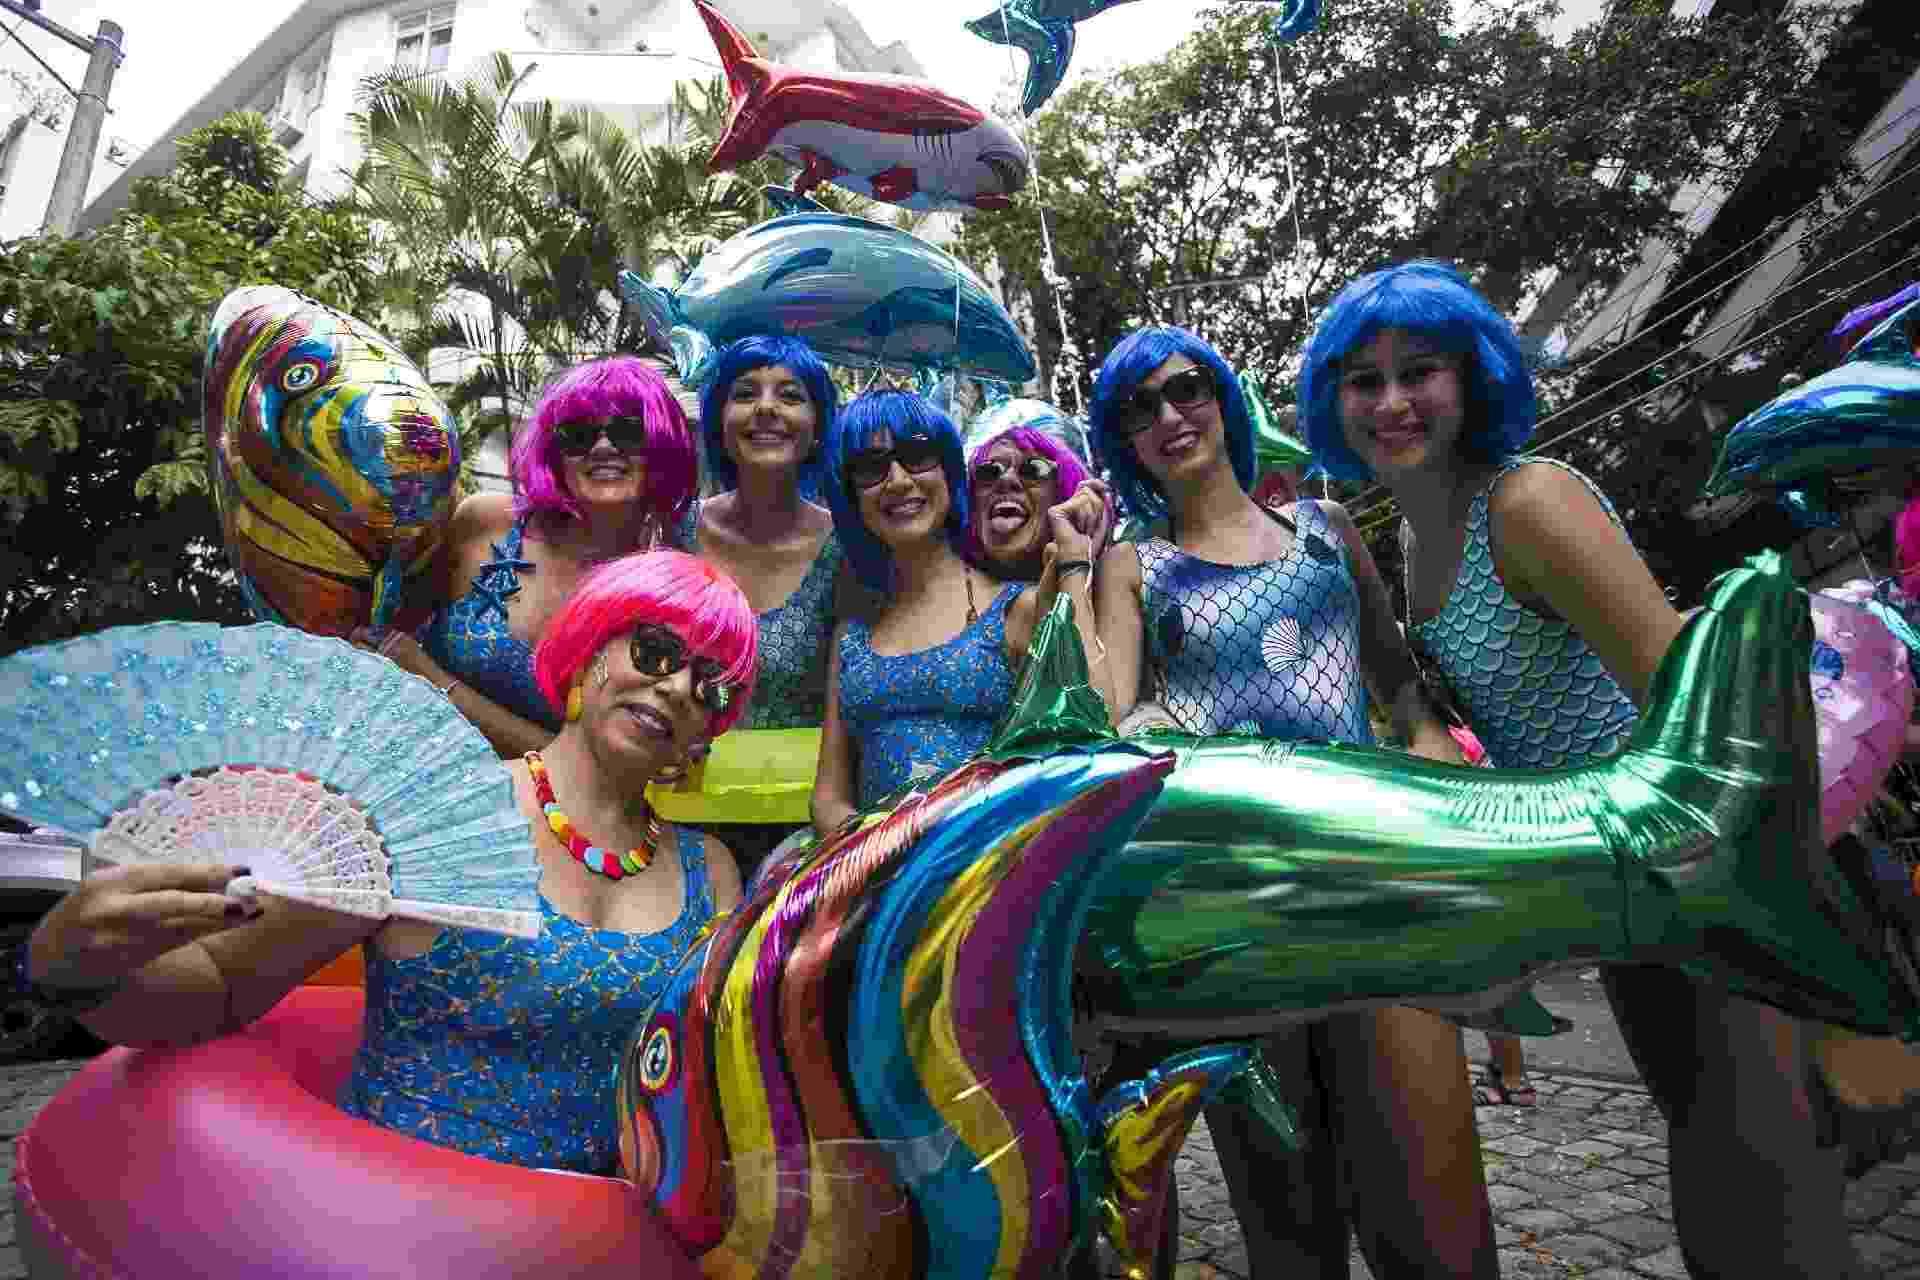 Foliões se reúnem no bloco de carnaval Suvaco do Cristo, na Jardim Botânico, zona sul do Rio de Janeiro - Bruna Prado/UOL